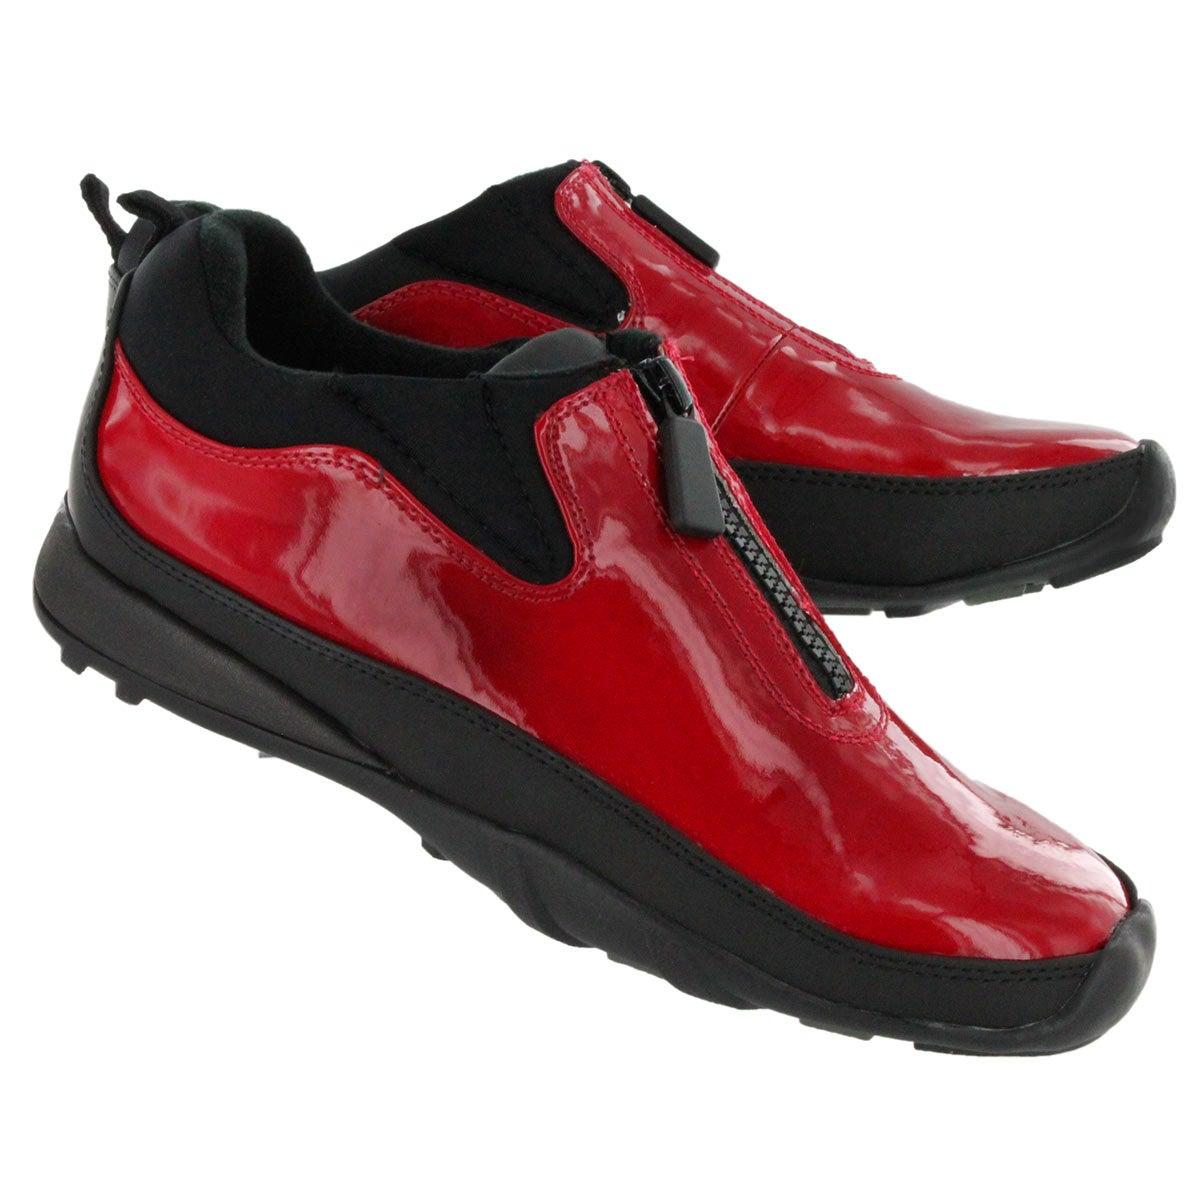 Chaussures pluie Howdoo, rge verni, fem